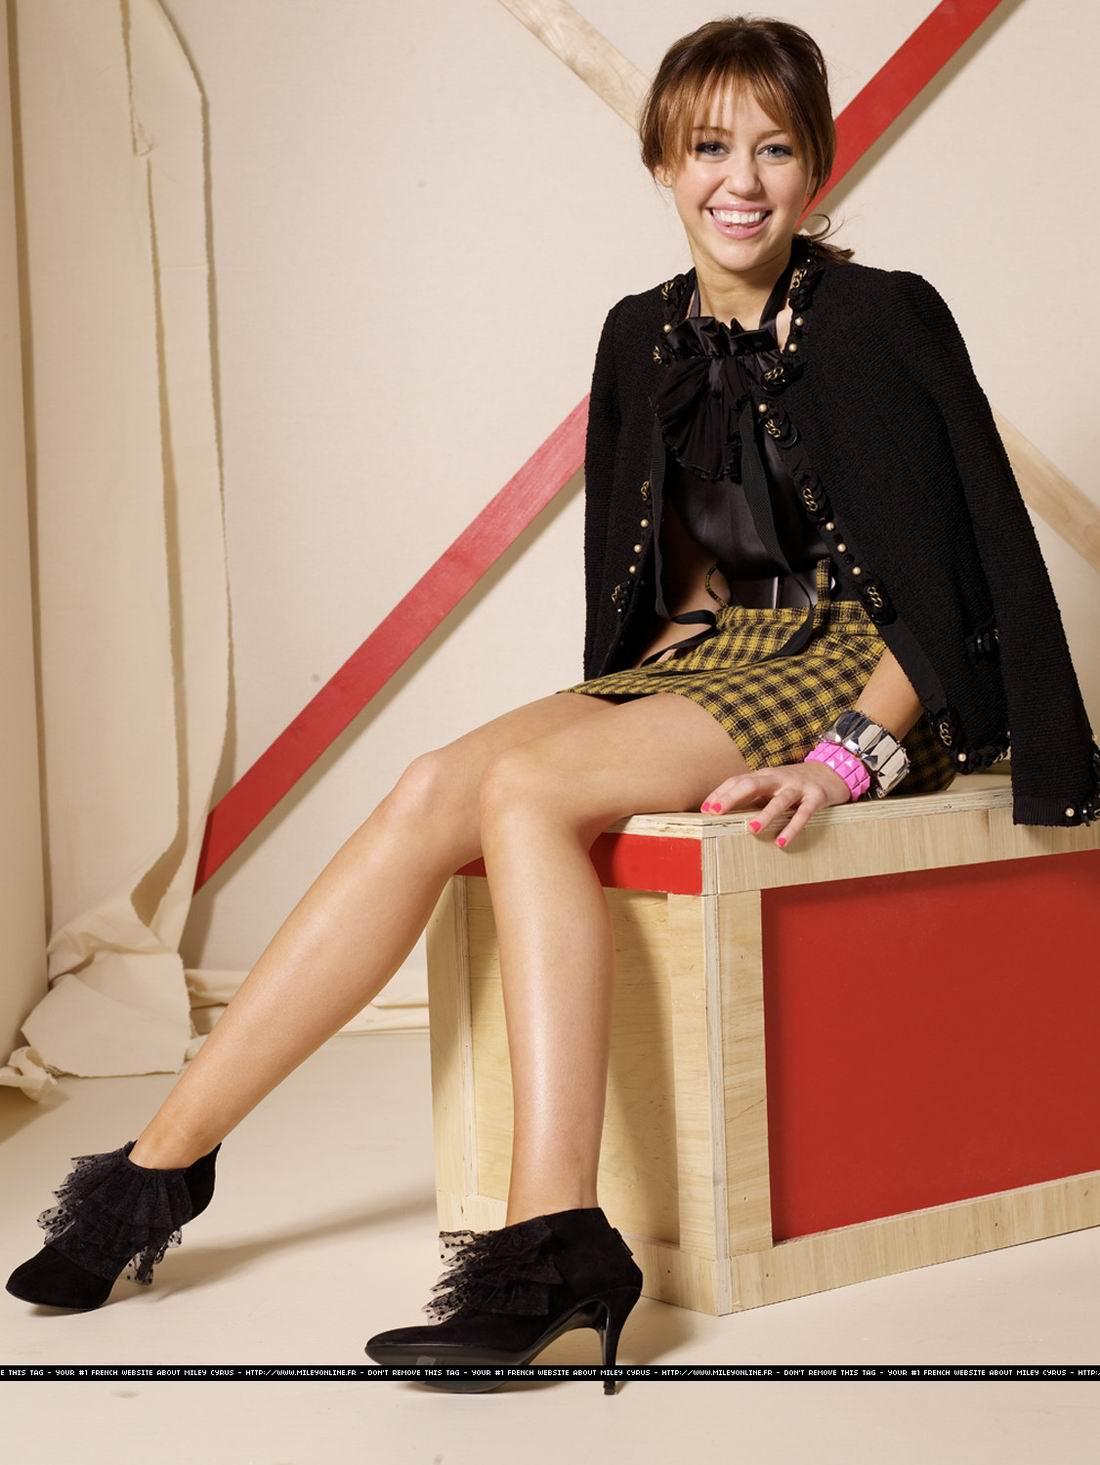 Майли Сайрус (Miley Cyrus) фото в журнале Seventeen, сентябрь 2008